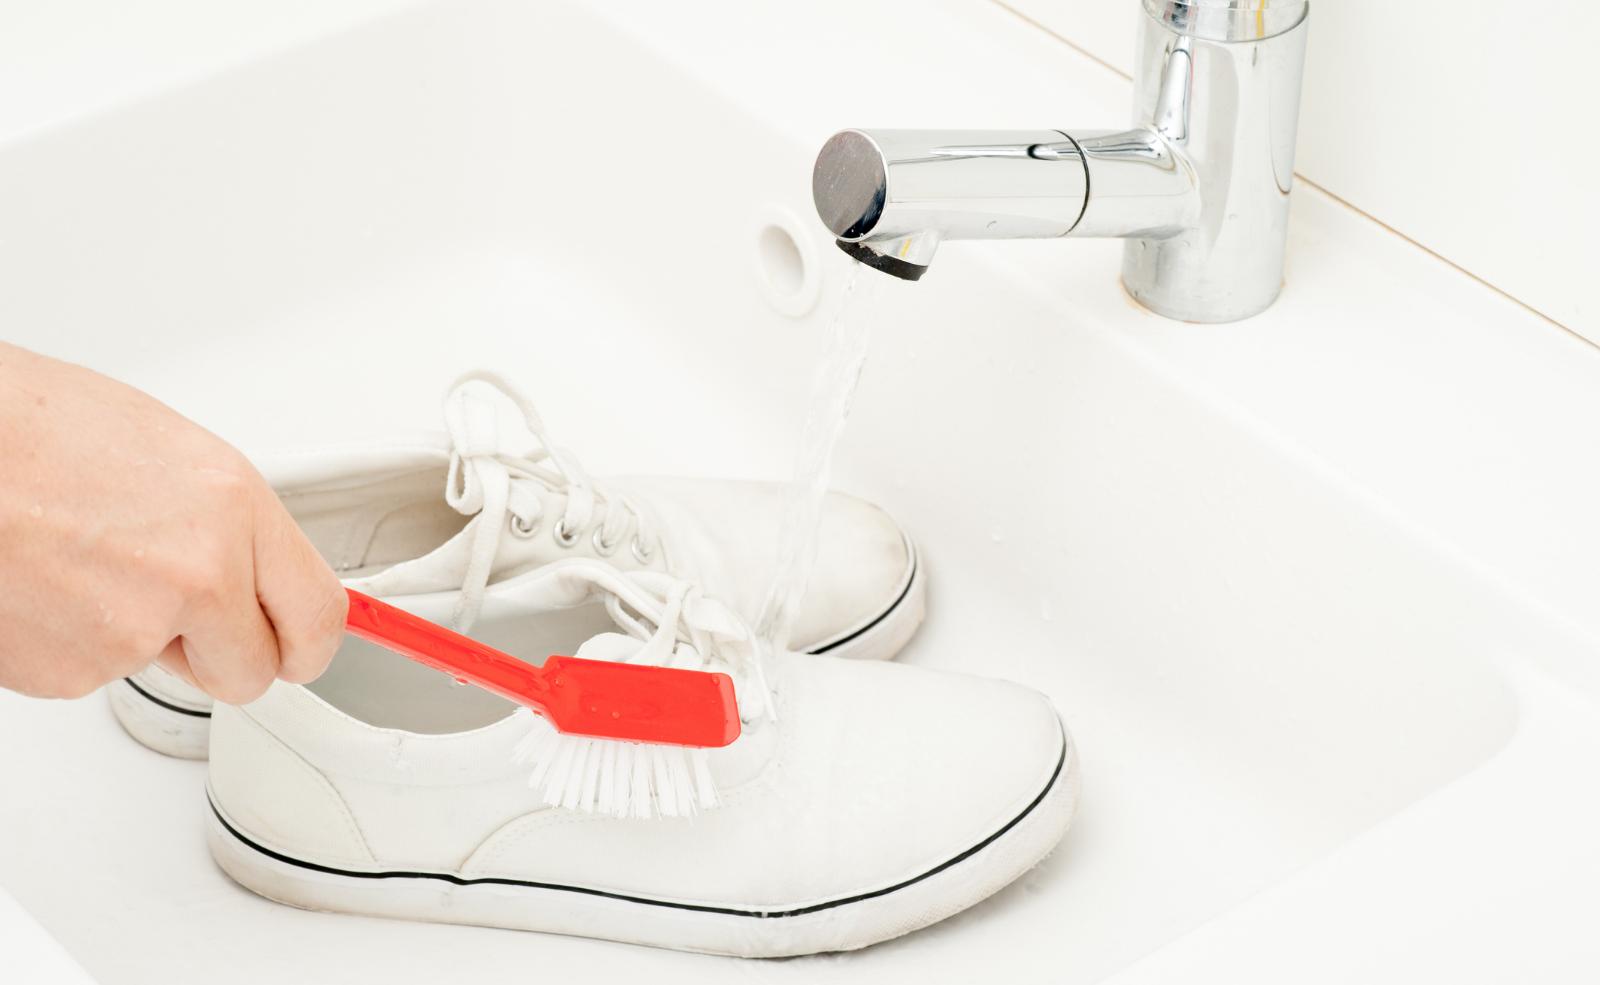 Manche Schuhe solltest du lieber schonend von Hand reinigen